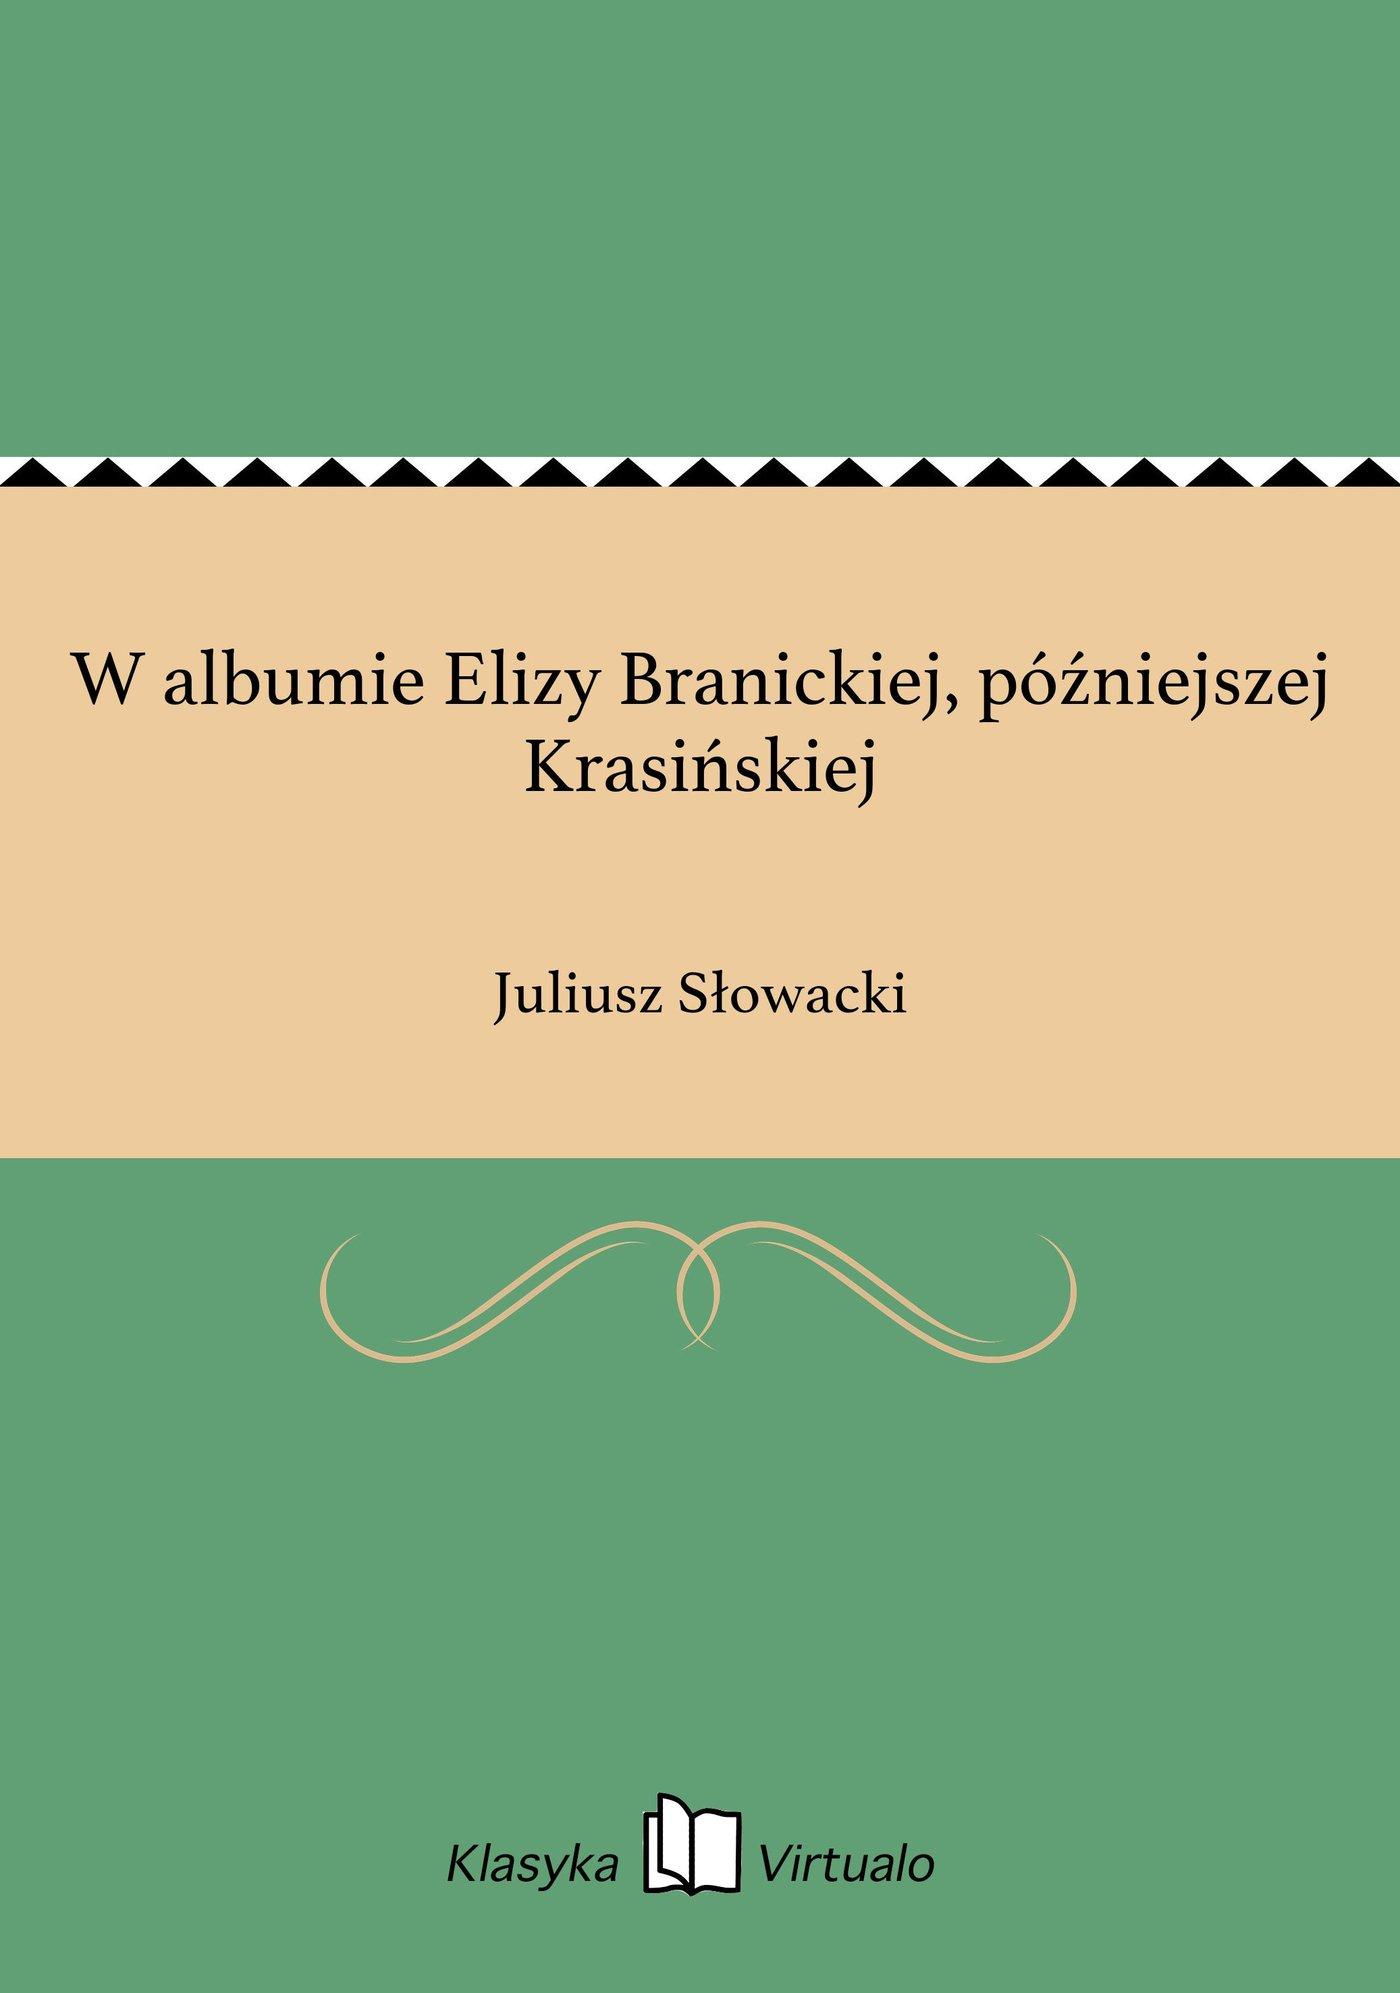 W albumie Elizy Branickiej, późniejszej Krasińskiej - Ebook (Książka EPUB) do pobrania w formacie EPUB